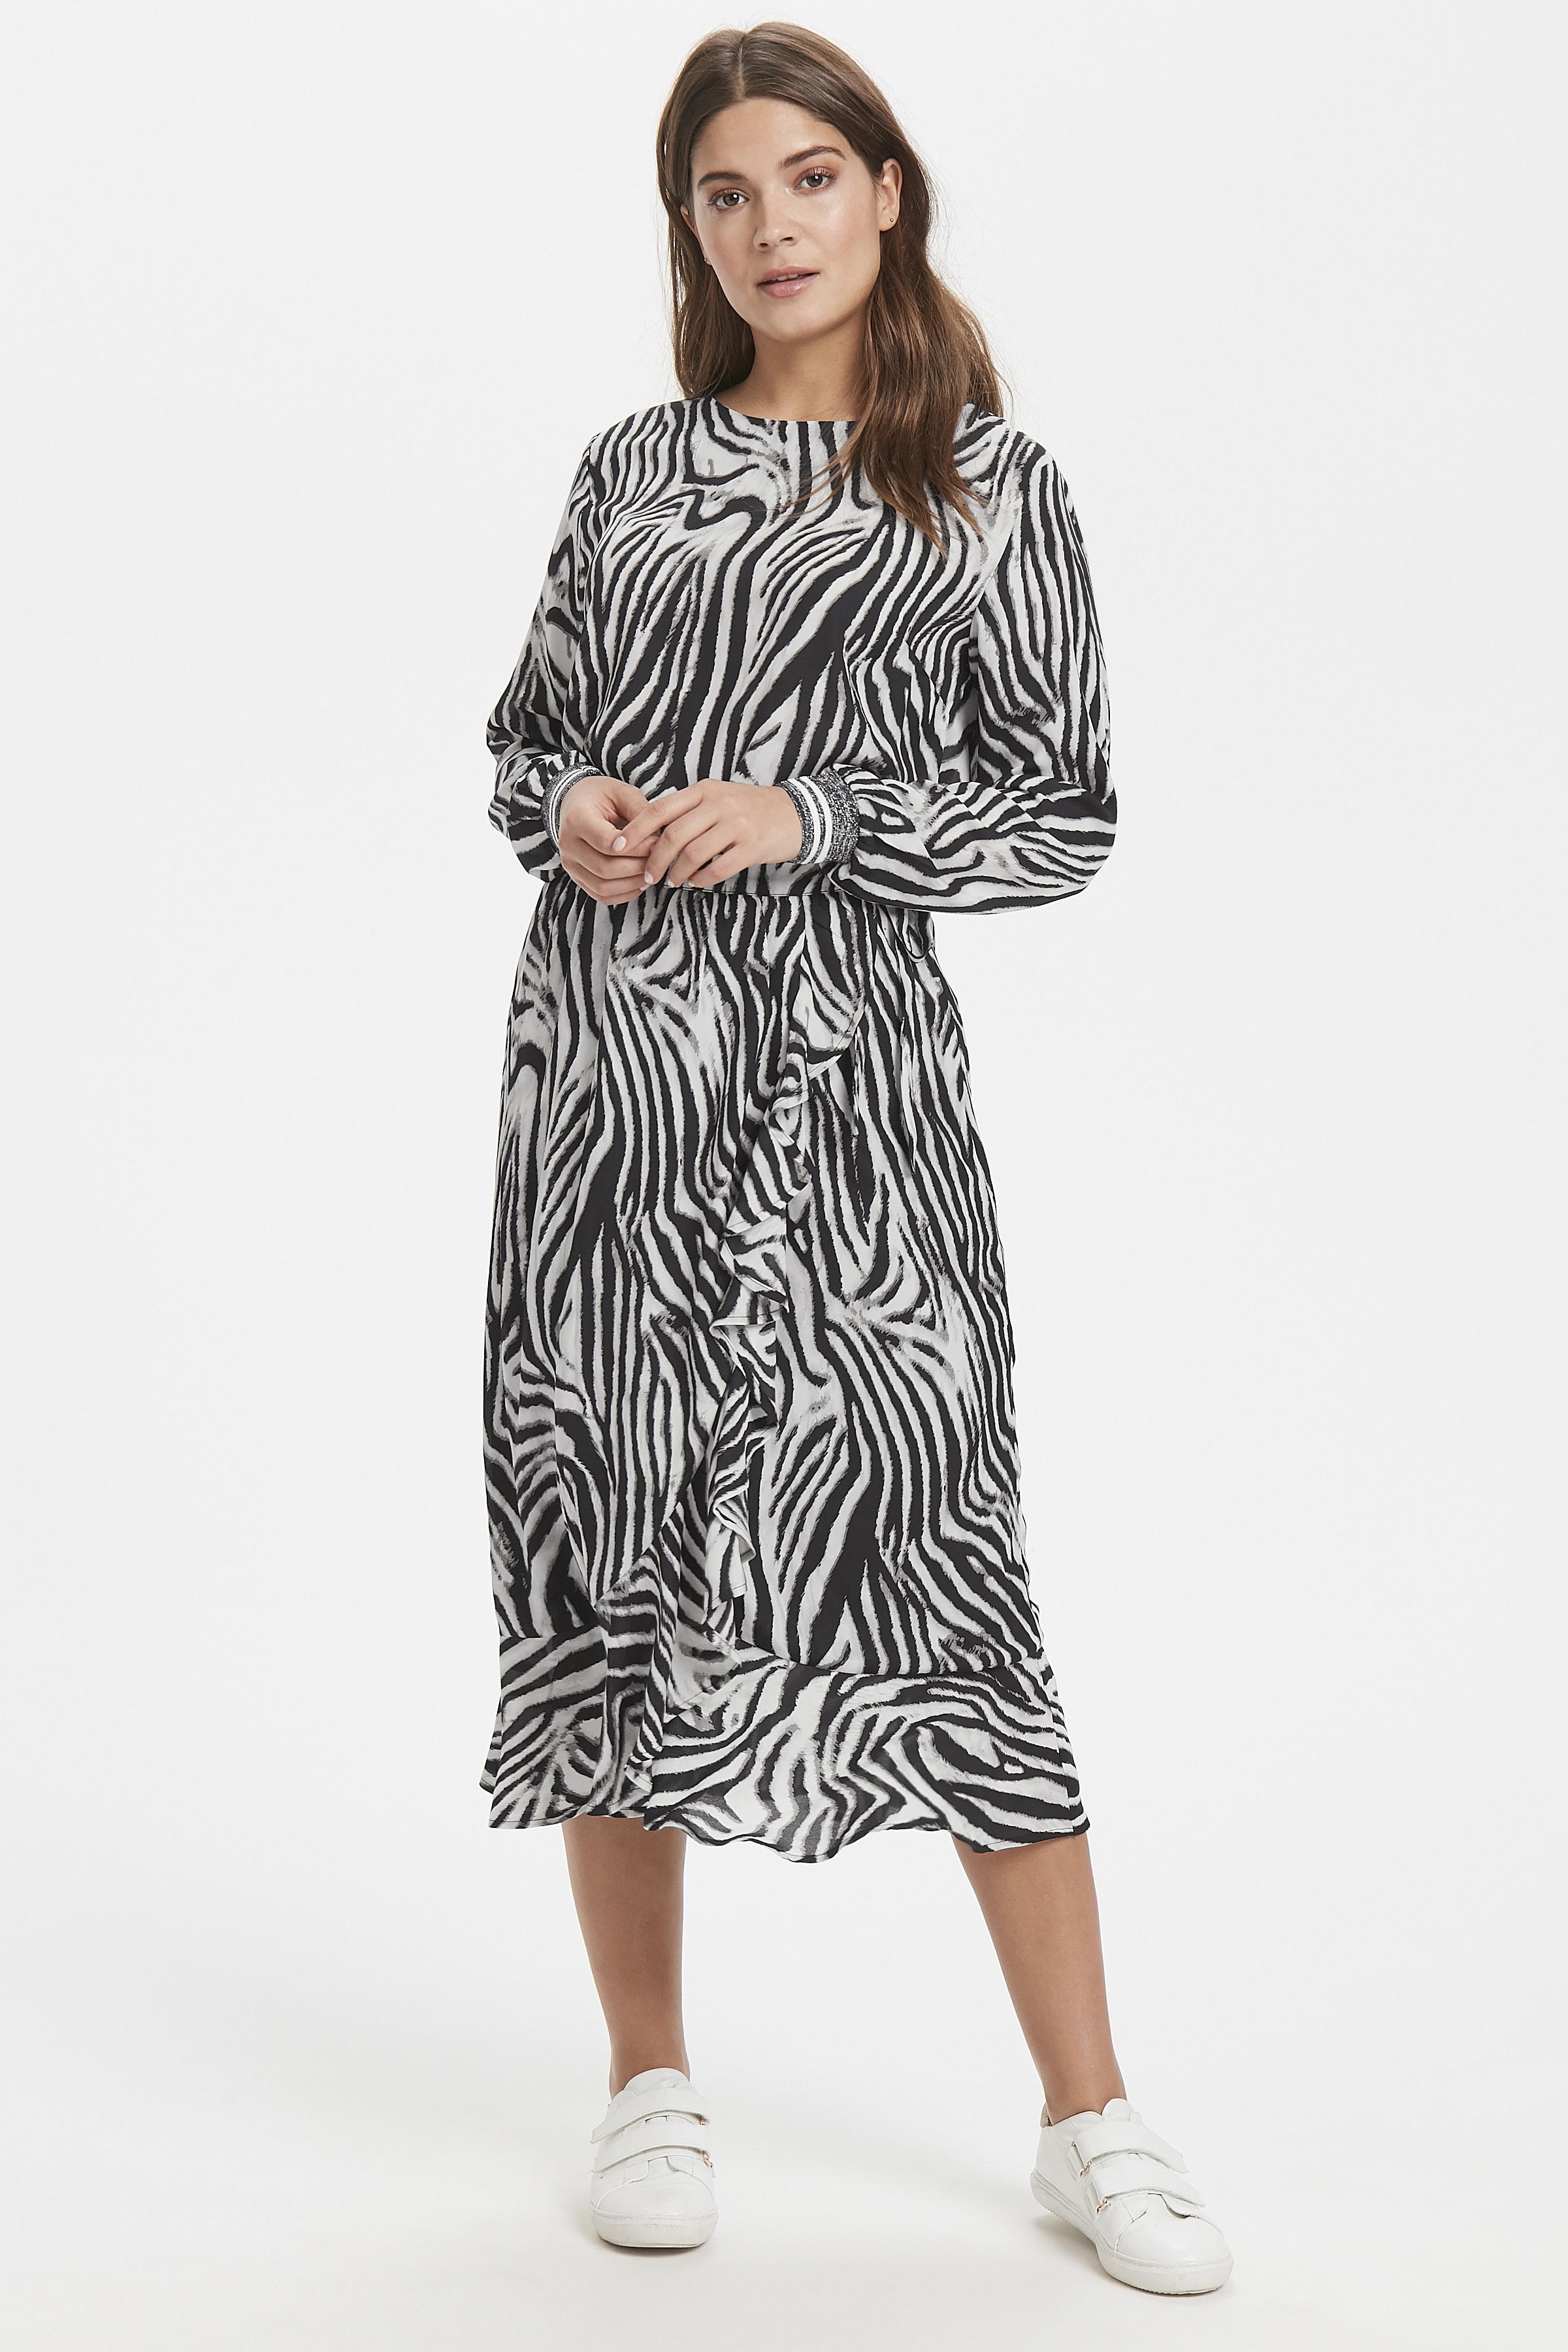 Zebra combi 1 Kjol från b.young – Köp Zebra combi 1 Kjol från storlek 34-42 här